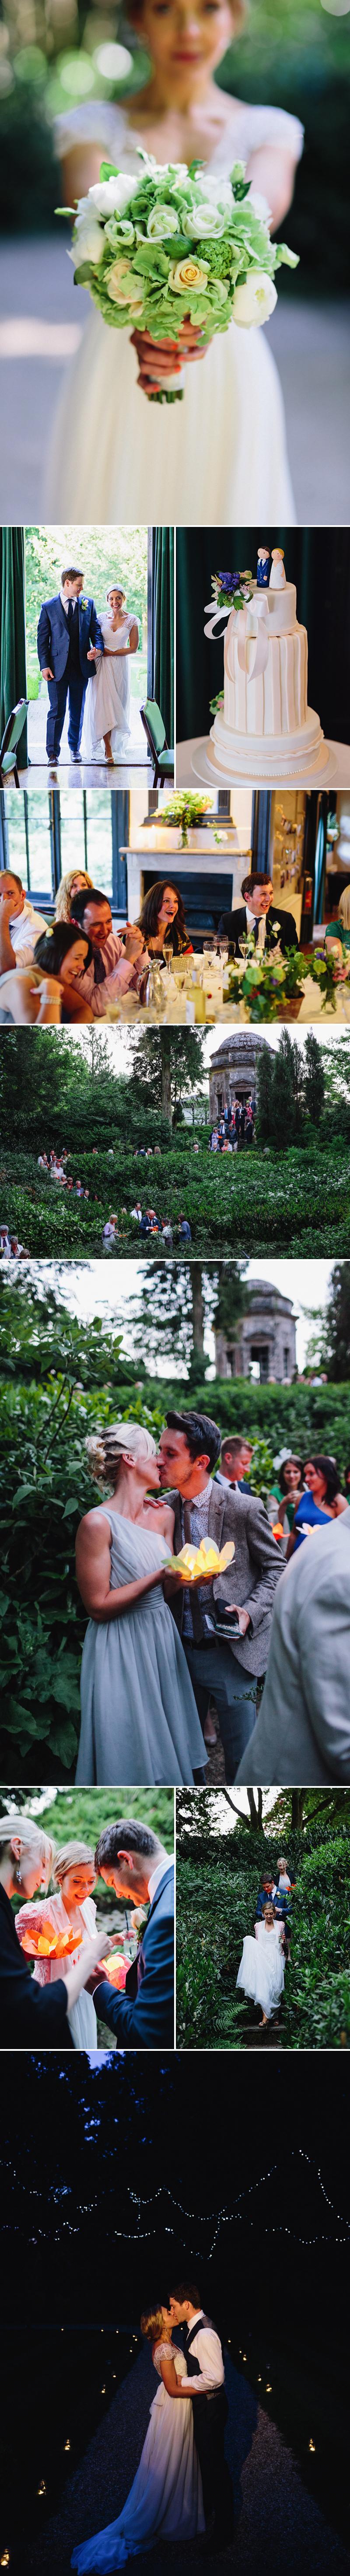 rustic-wedding-venue-wiltshire-wedding-venue-larmer-tree-gardens-coco-wedding-venues-lisa-dawn-photography-006